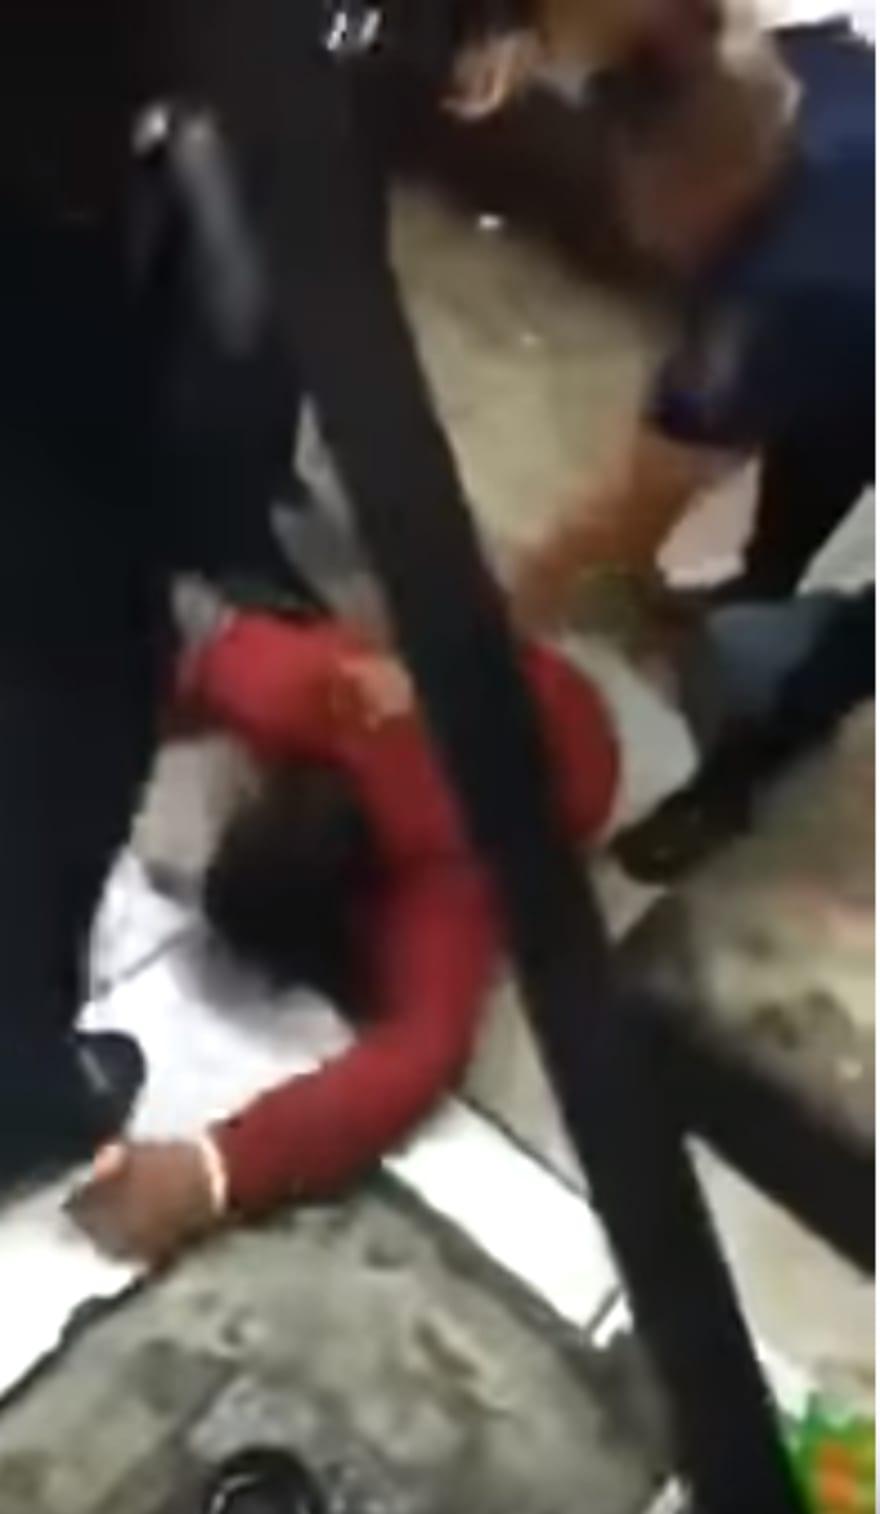 México: Presuntos policías propinan golpiza a un hombre y lo despojan de varios artículos (VIDEO)